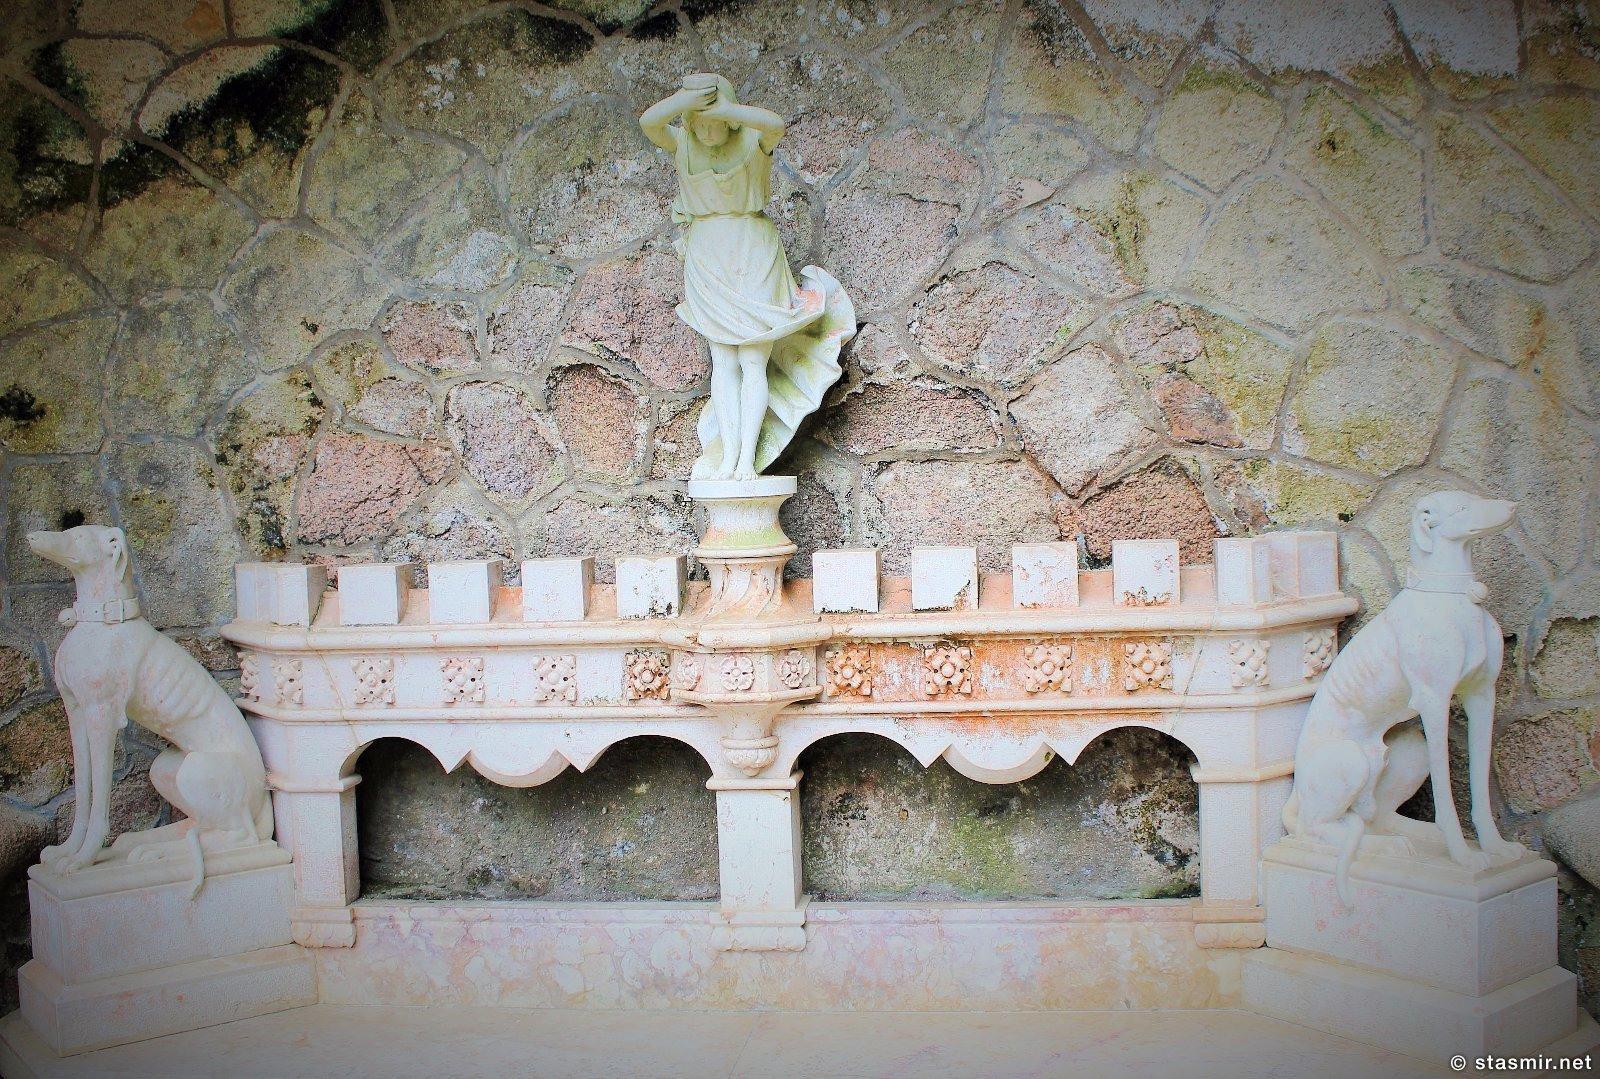 Кинта да Регалейра, Quinta da Regaleira, масонское имение Регалейра, нумерология воплощена в камне, изотерика в Португалии, скамейка с кабалистическими символами, фото Стасмир, имение Карвалью Монтейру, Photo Stasmir